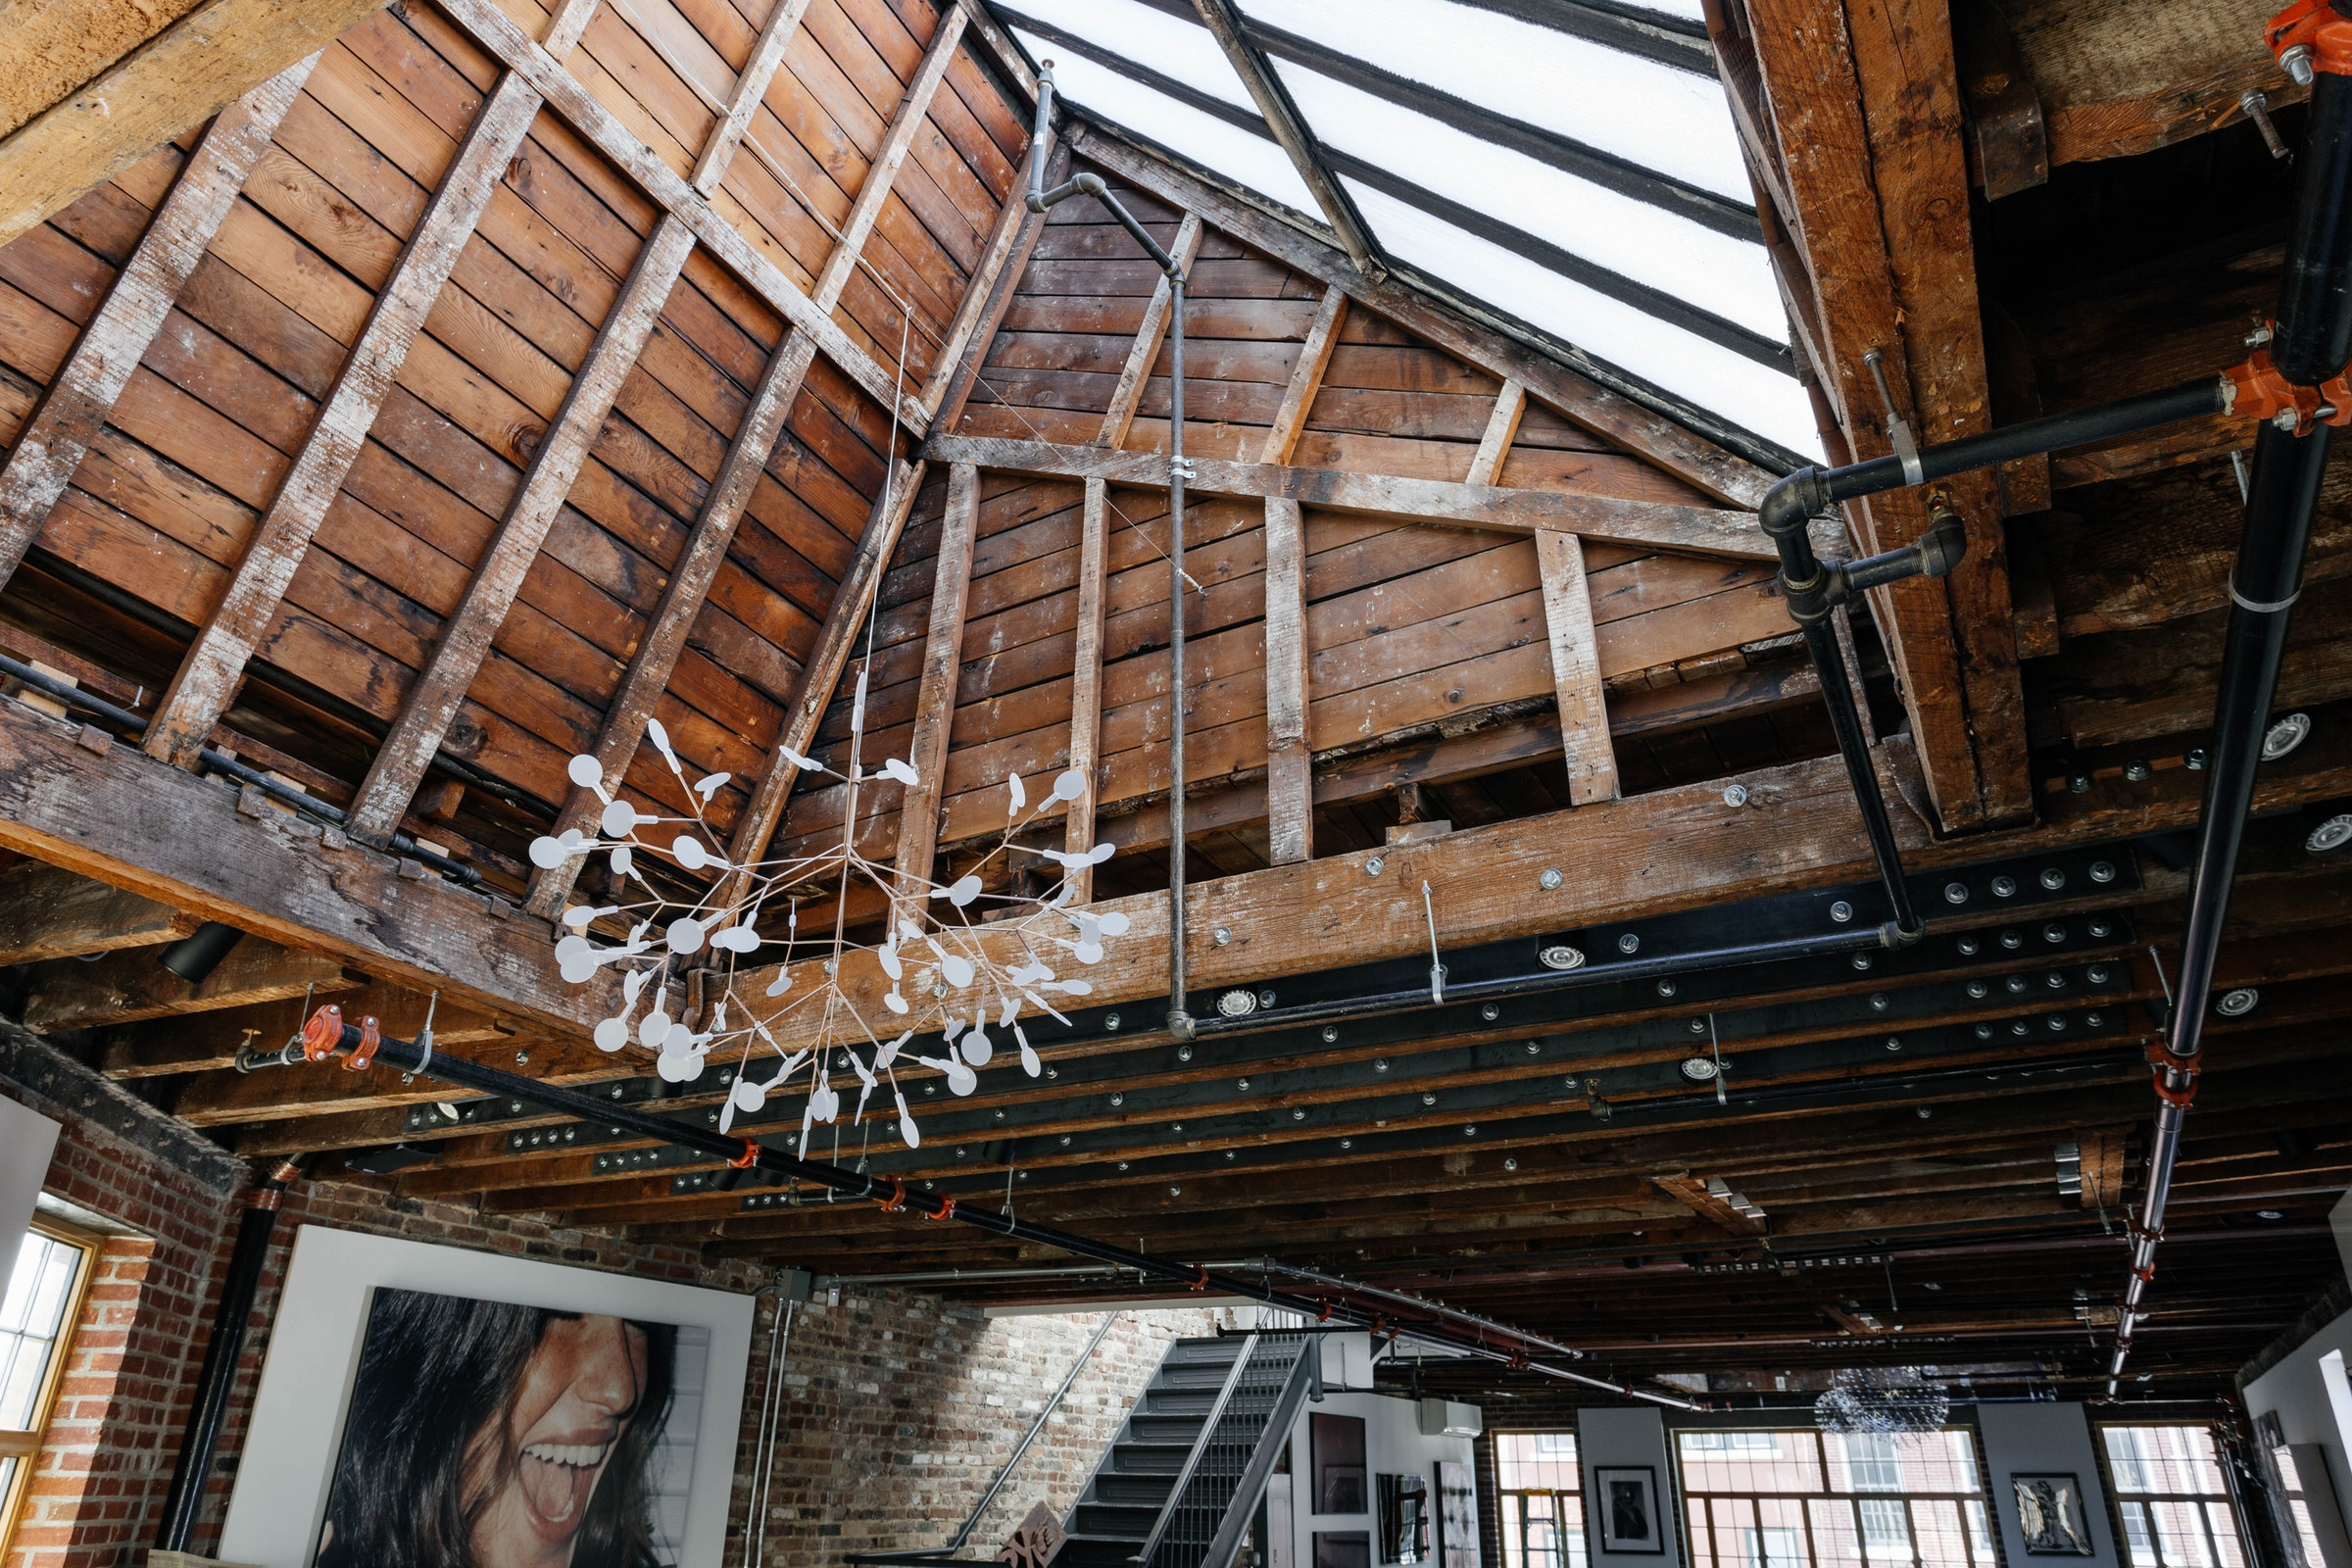 крыша остекление балки кирпич лестница люстра